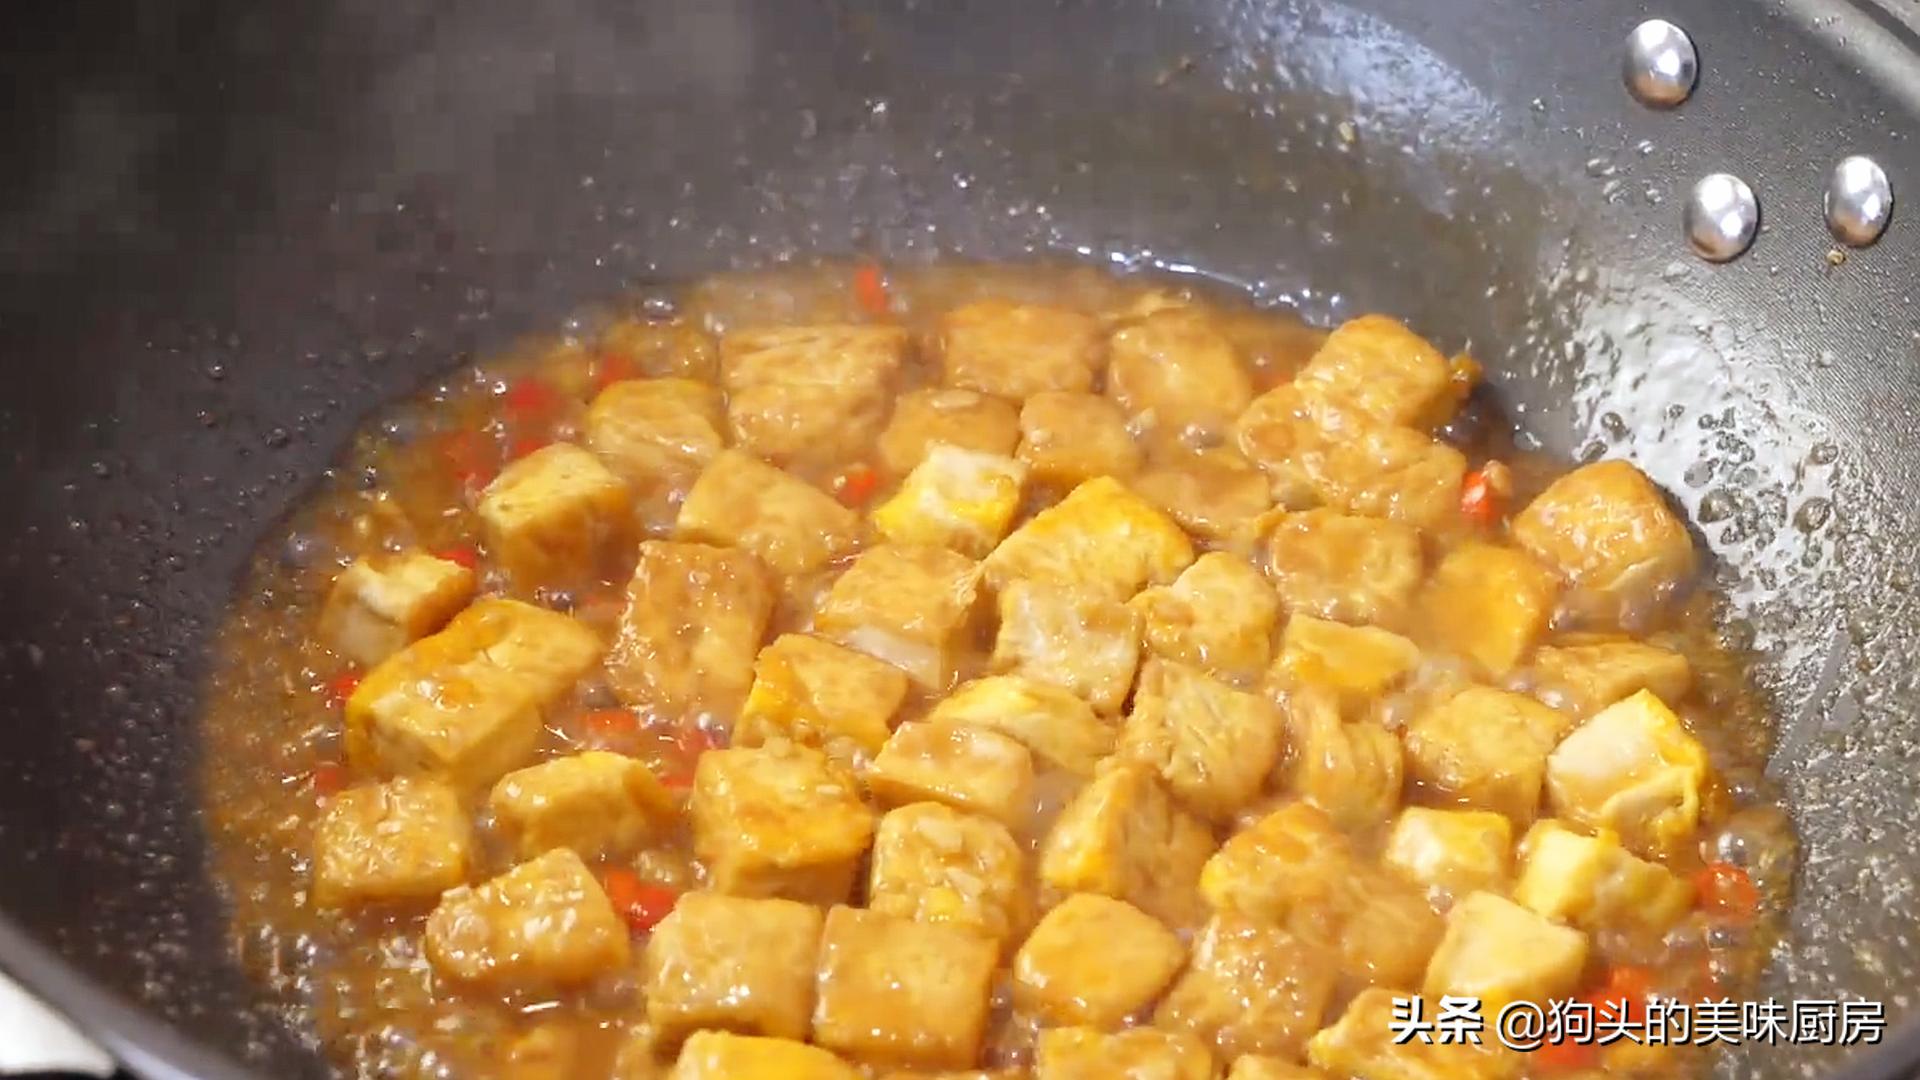 豆腐和它最配,简单易做,味道鲜美,比麻婆豆腐好吃,上桌就光盘 美食做法 第11张